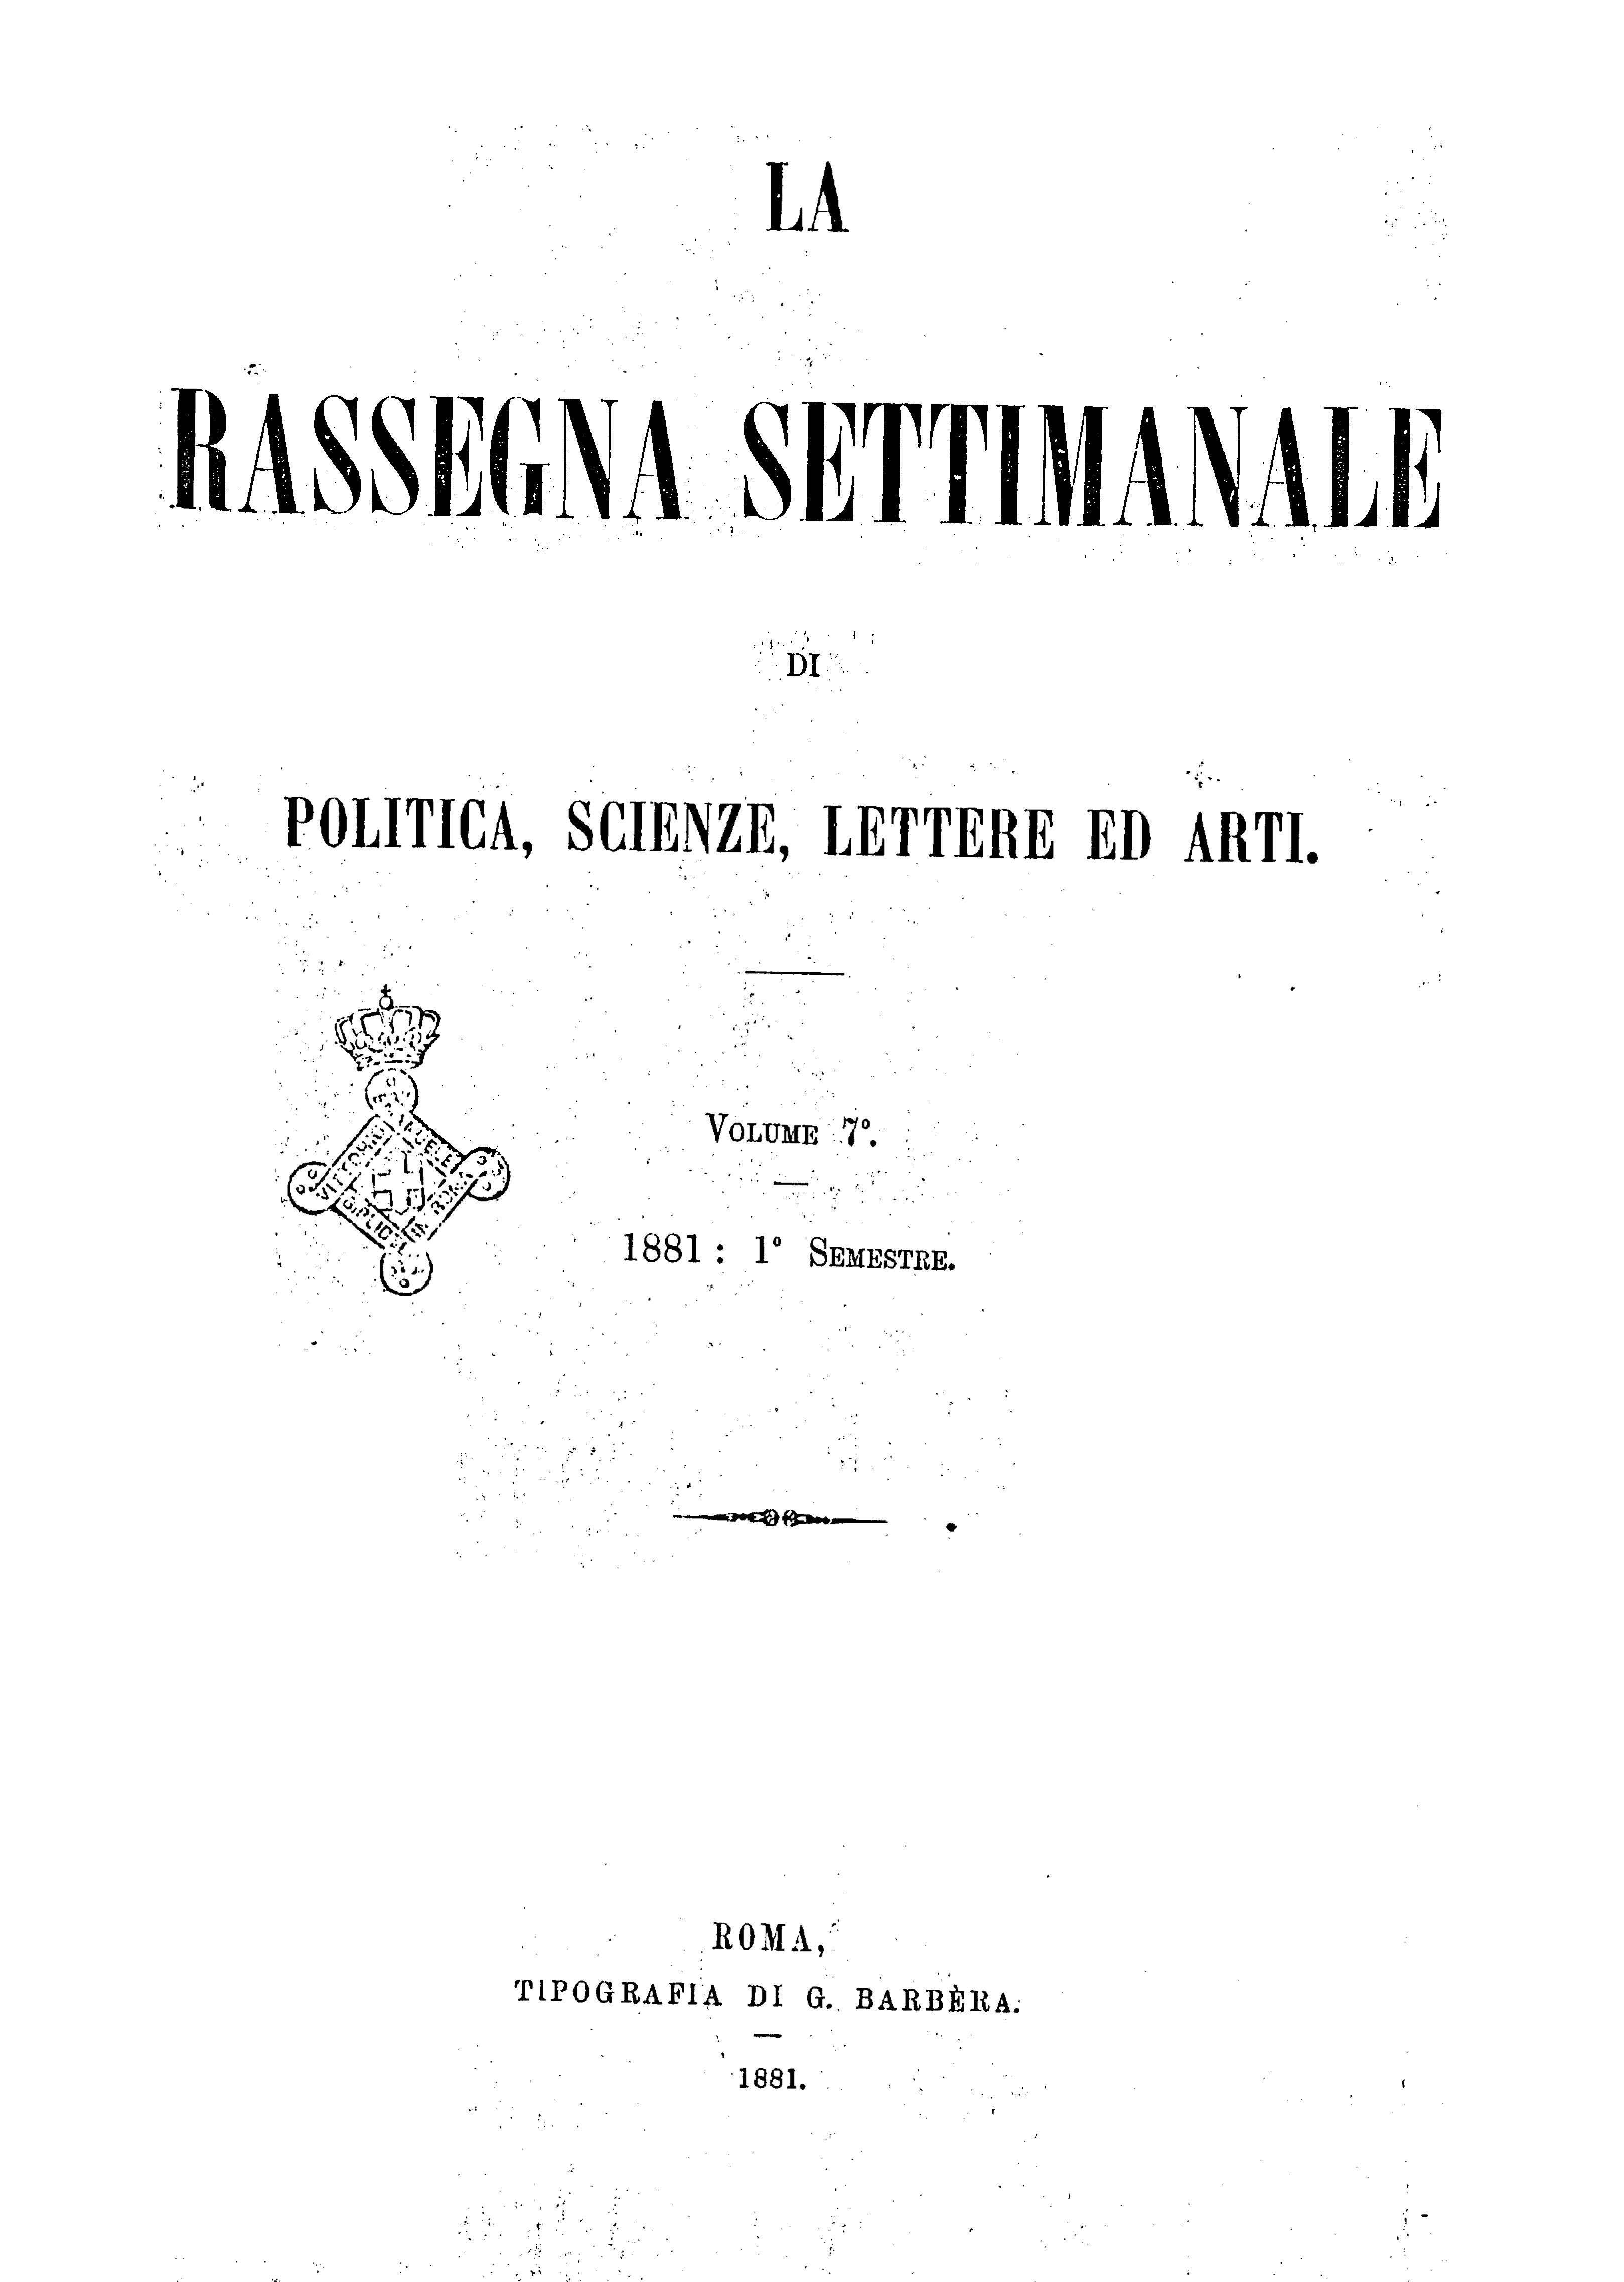 Fascicolo 160 - Volume 7 - 1881 - Semestre 1 - Trimestre 1